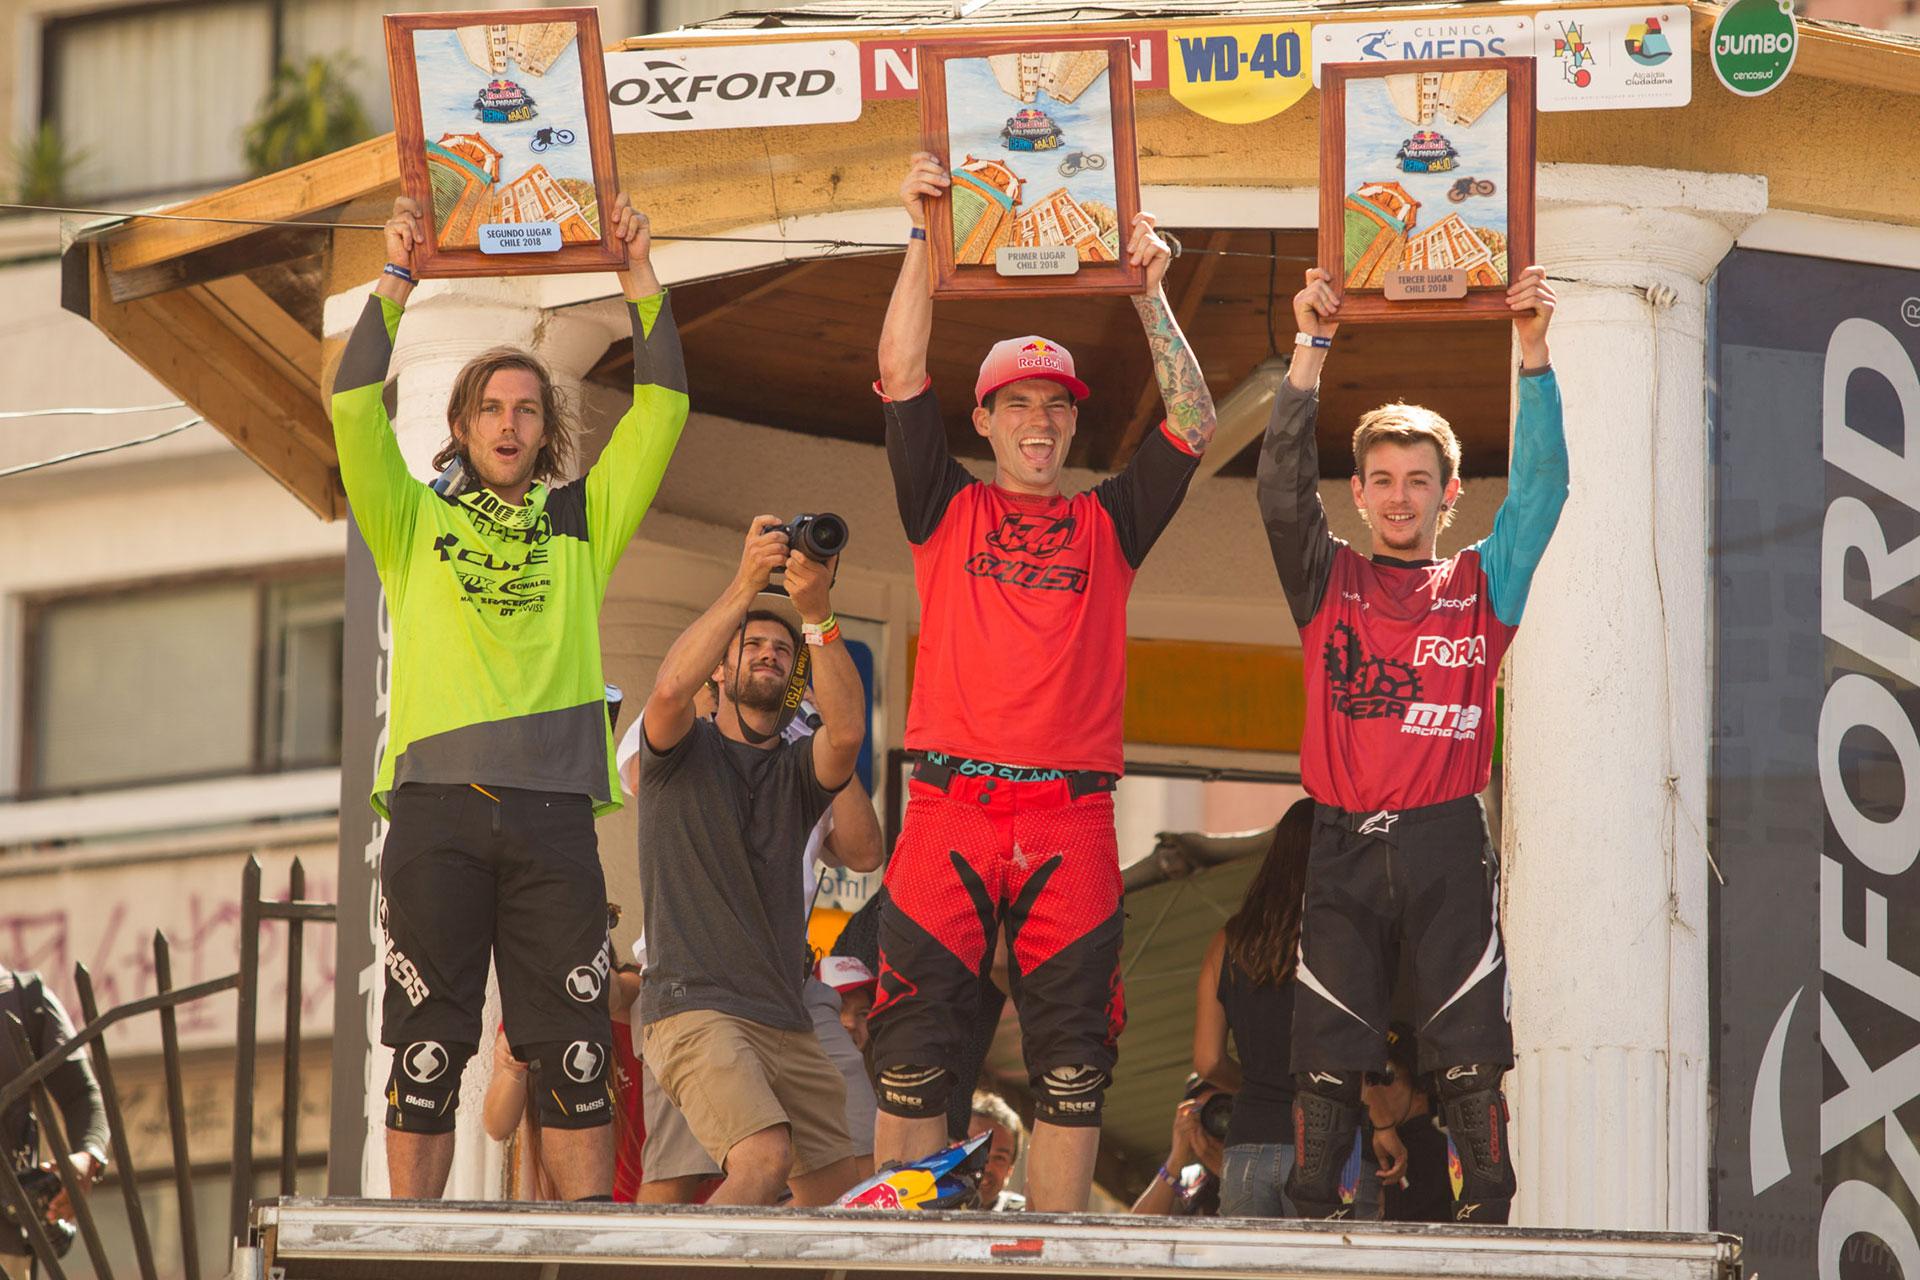 De gauche à droite : Matt Walker, Tomas Slavík, Matías Núñez. © Photo Lars Scharl